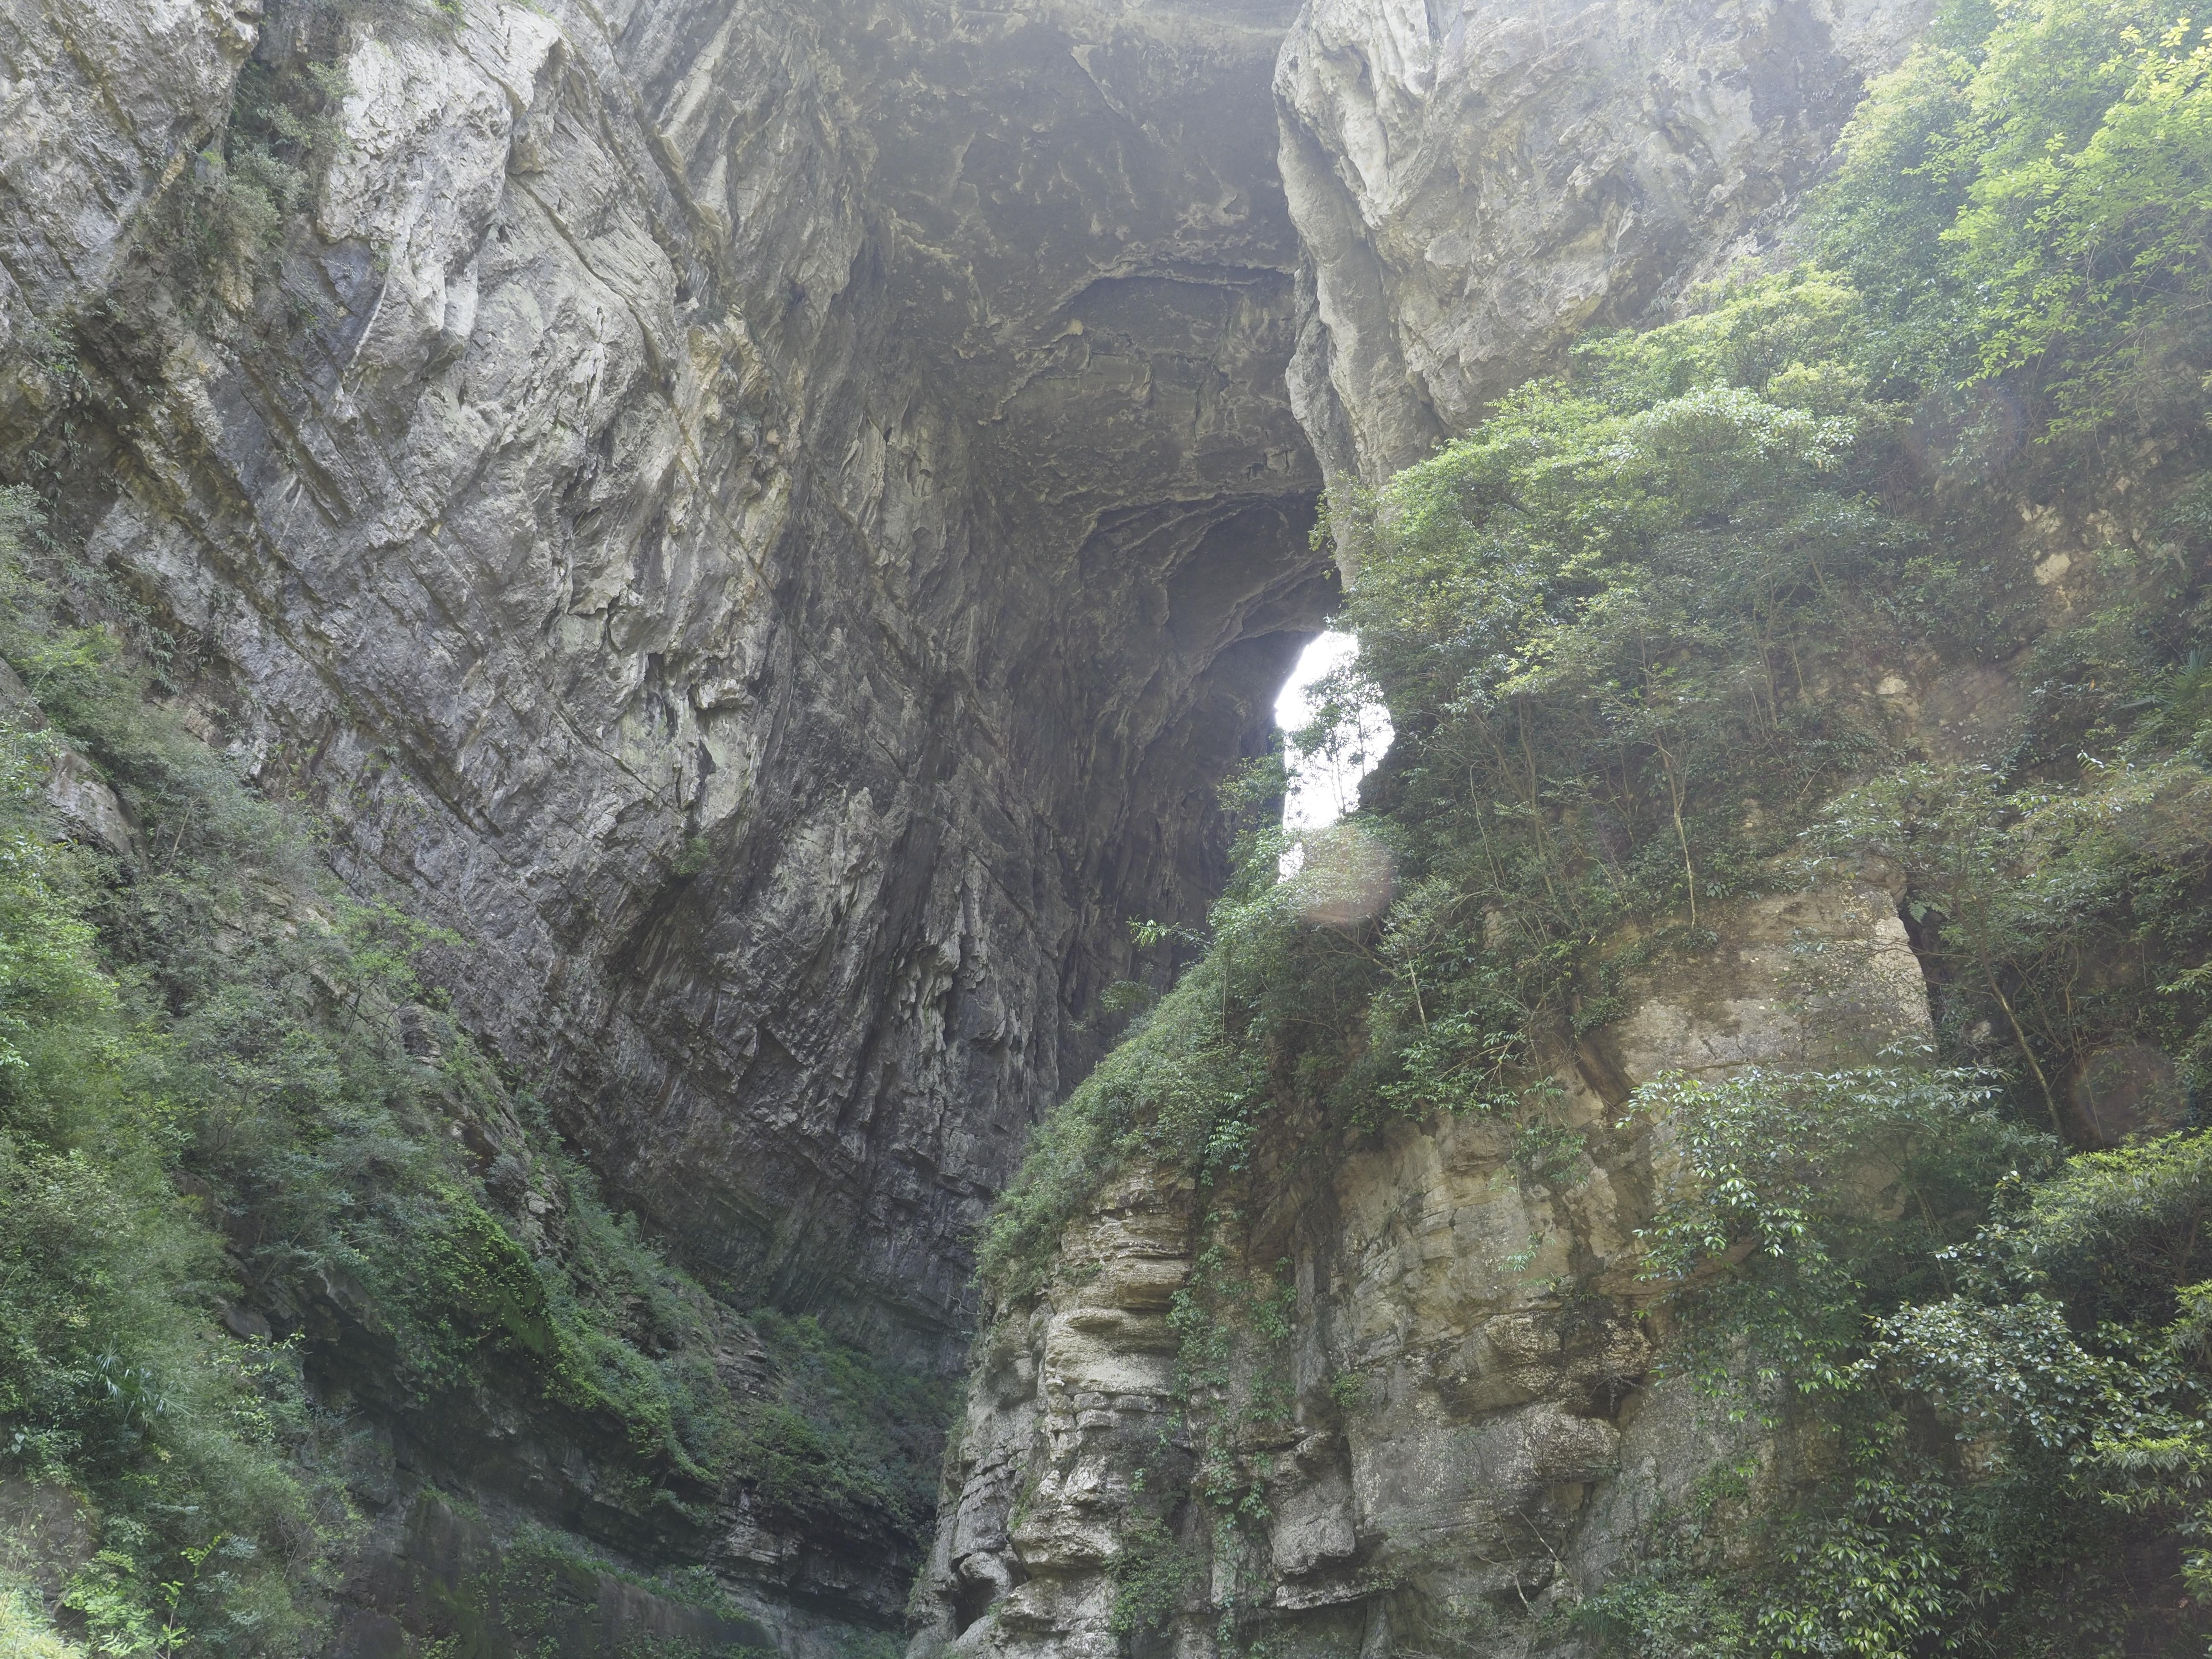 武隆天坑三橋-天龙桥(天龍橋)